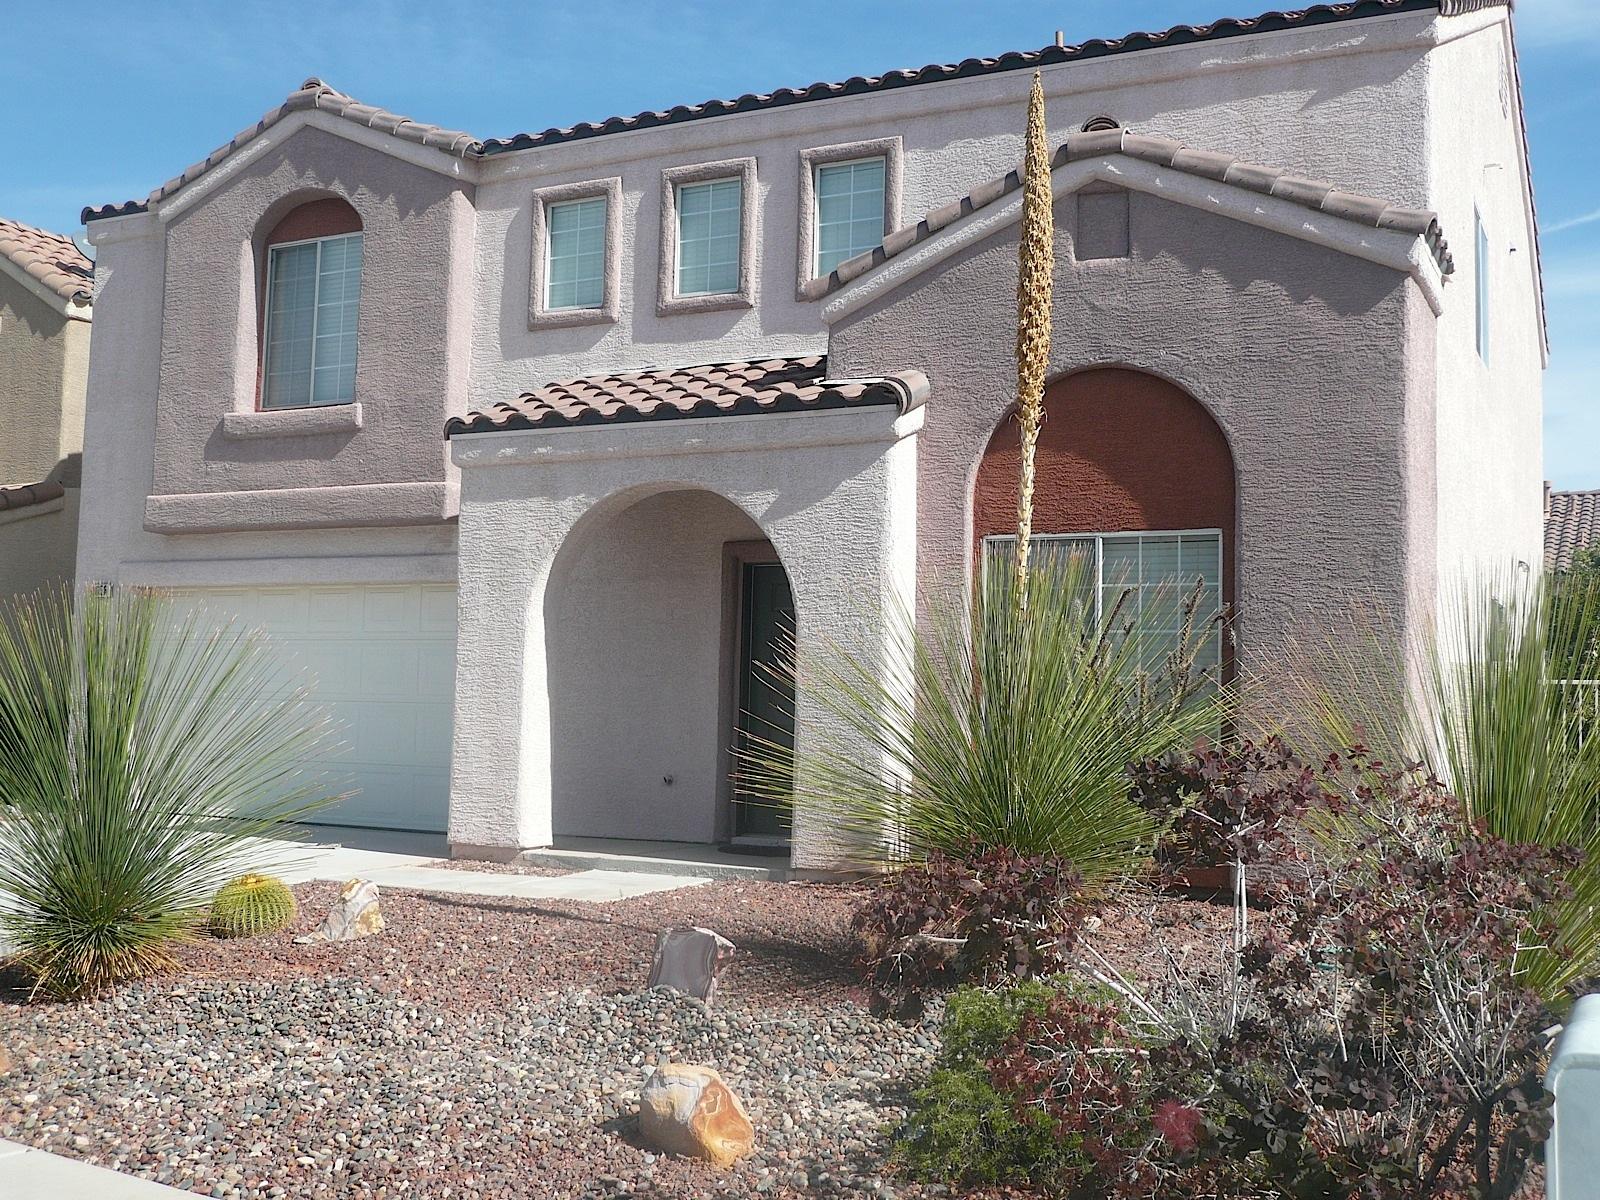 Tek Ailelik Ev için Satış at 1656 Encarta St Las Vegas, Nevada 89117 Amerika Birleşik Devletleri